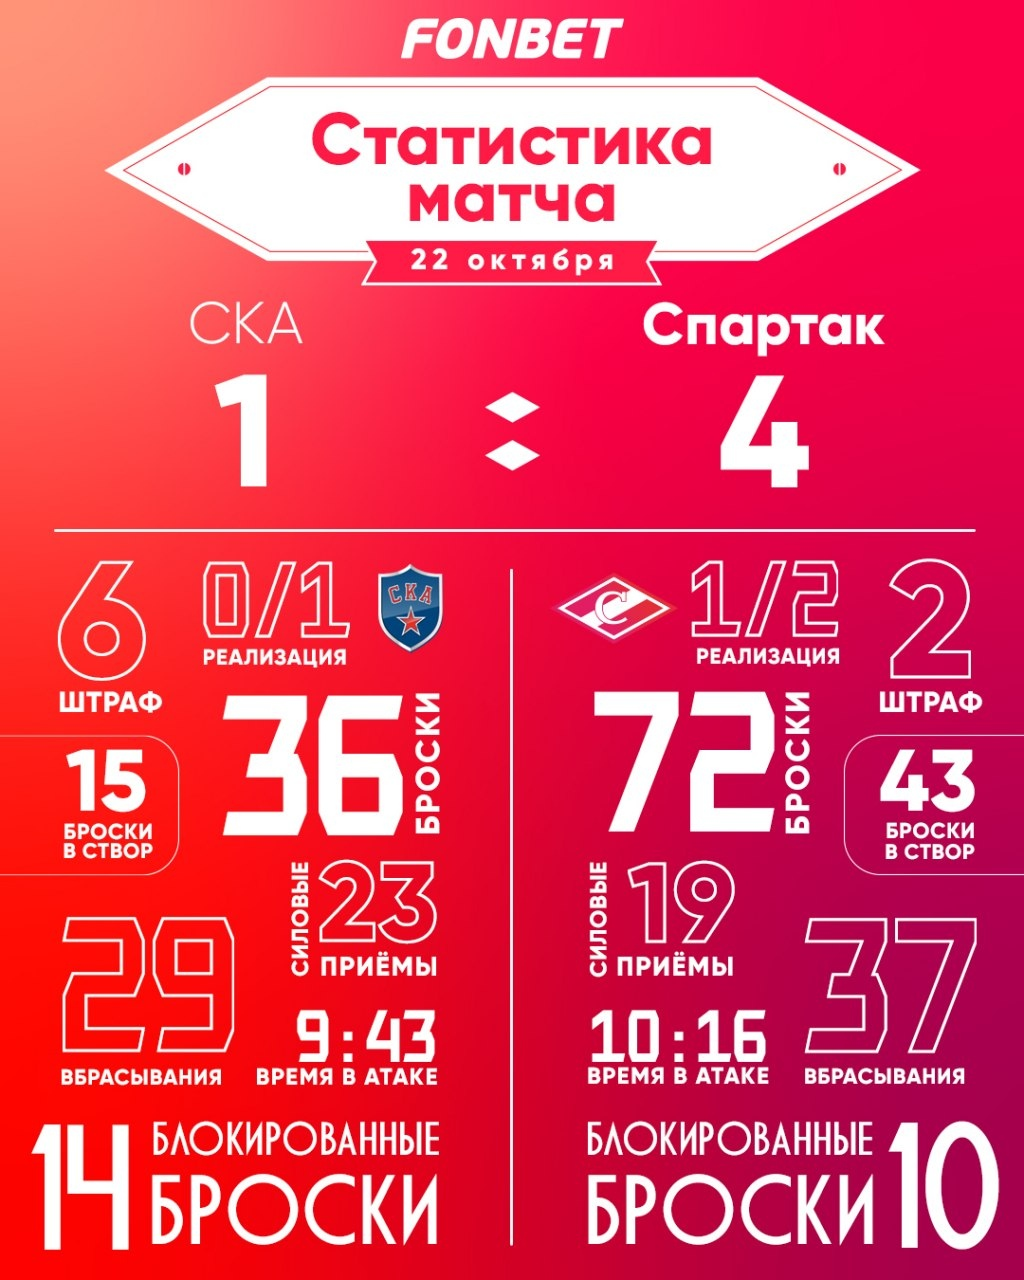 """Статистика матча СКА - """"Спартак"""" 1:4"""